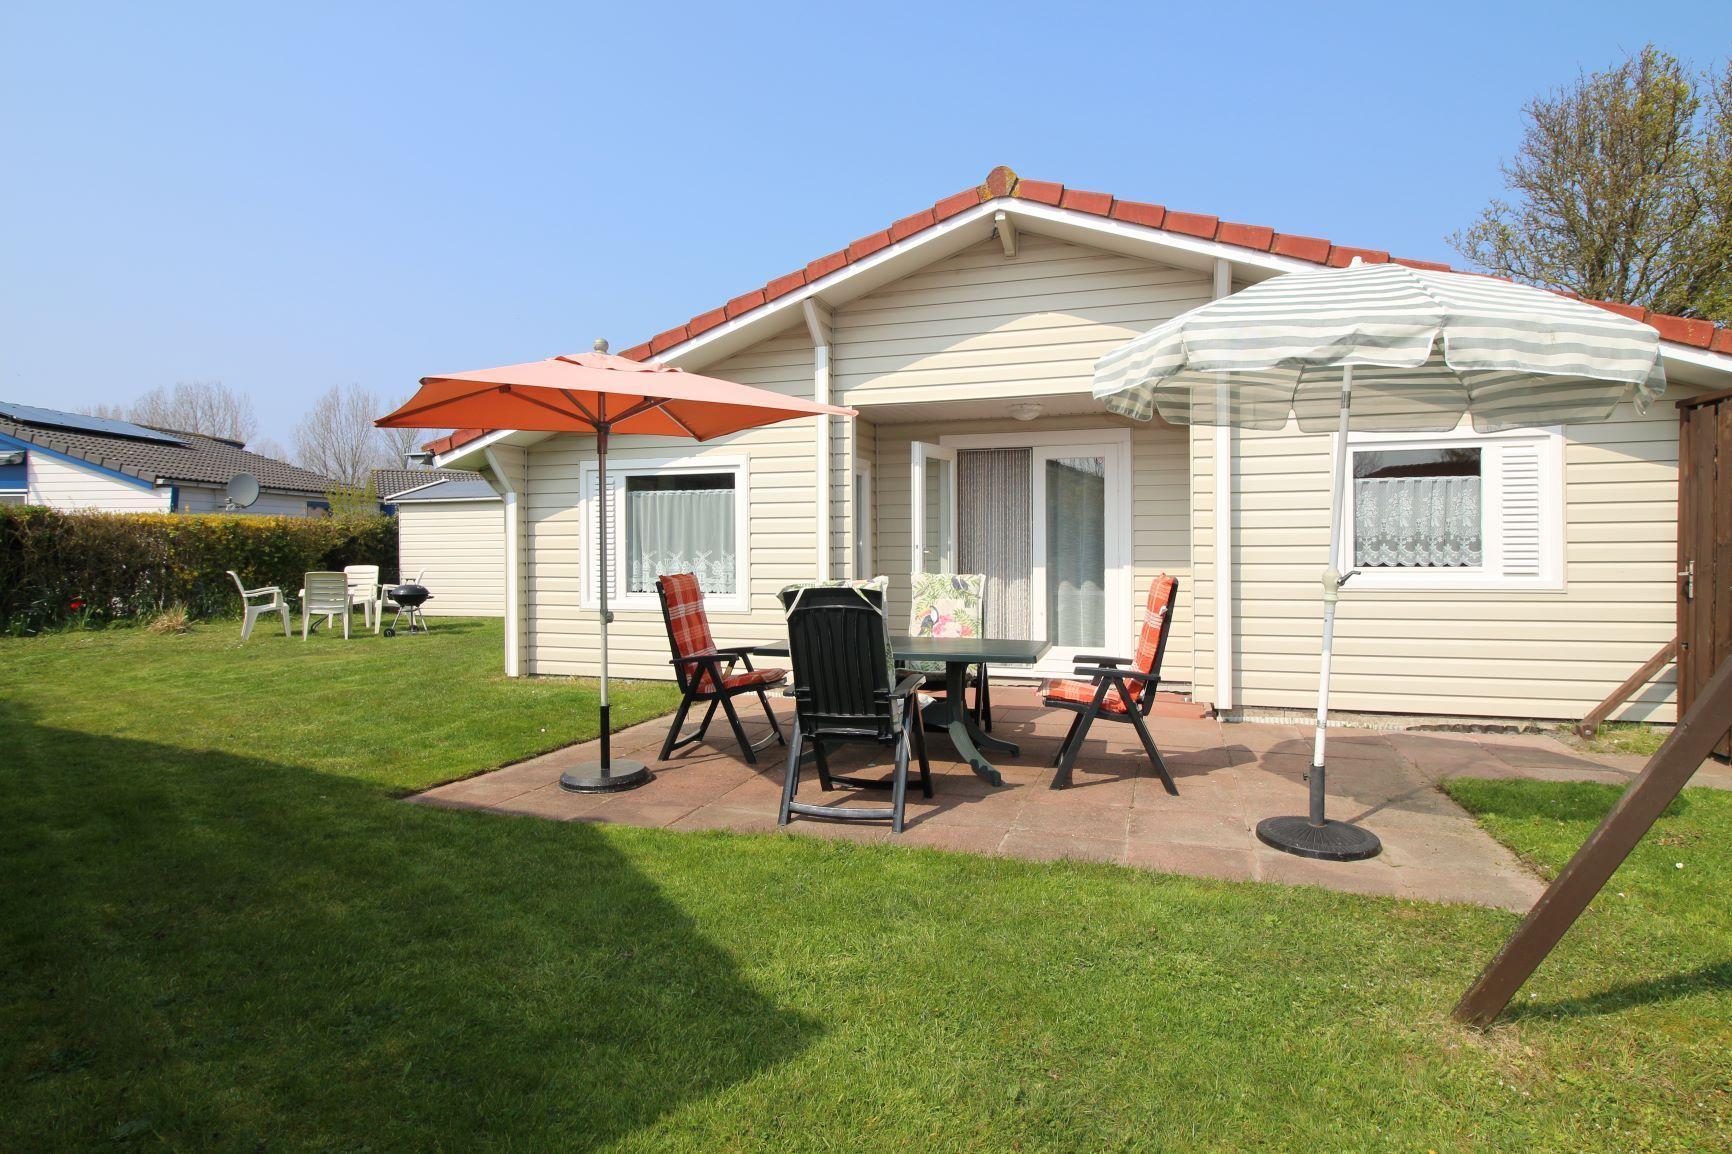 Ferienhaus für 4 Personen ca 70 m² in Renesse Zeeland Küste von Zeeland